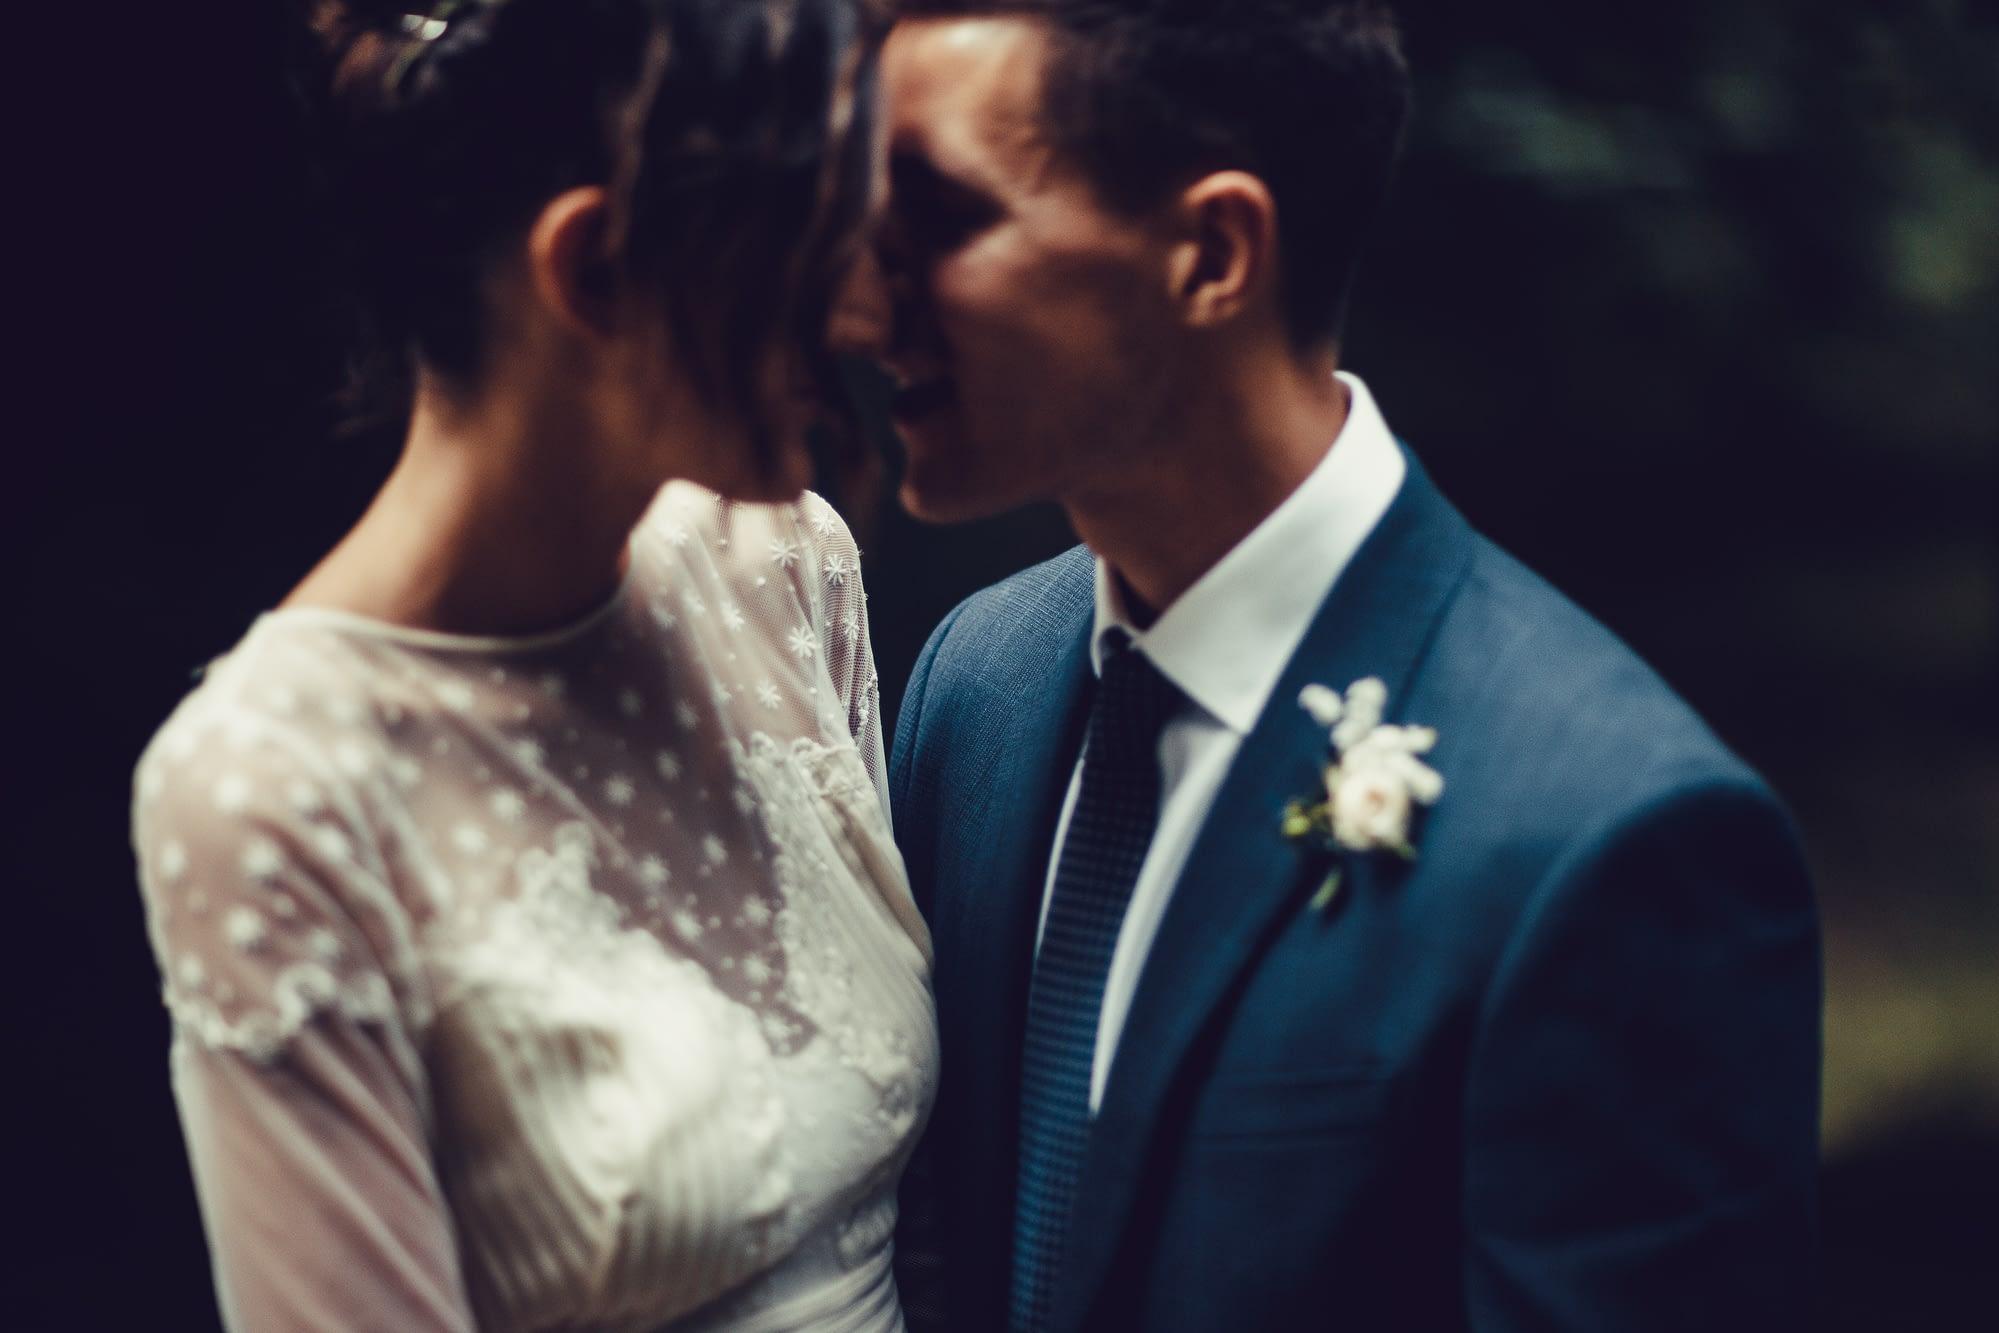 Dartmoor wedding, North Bovey